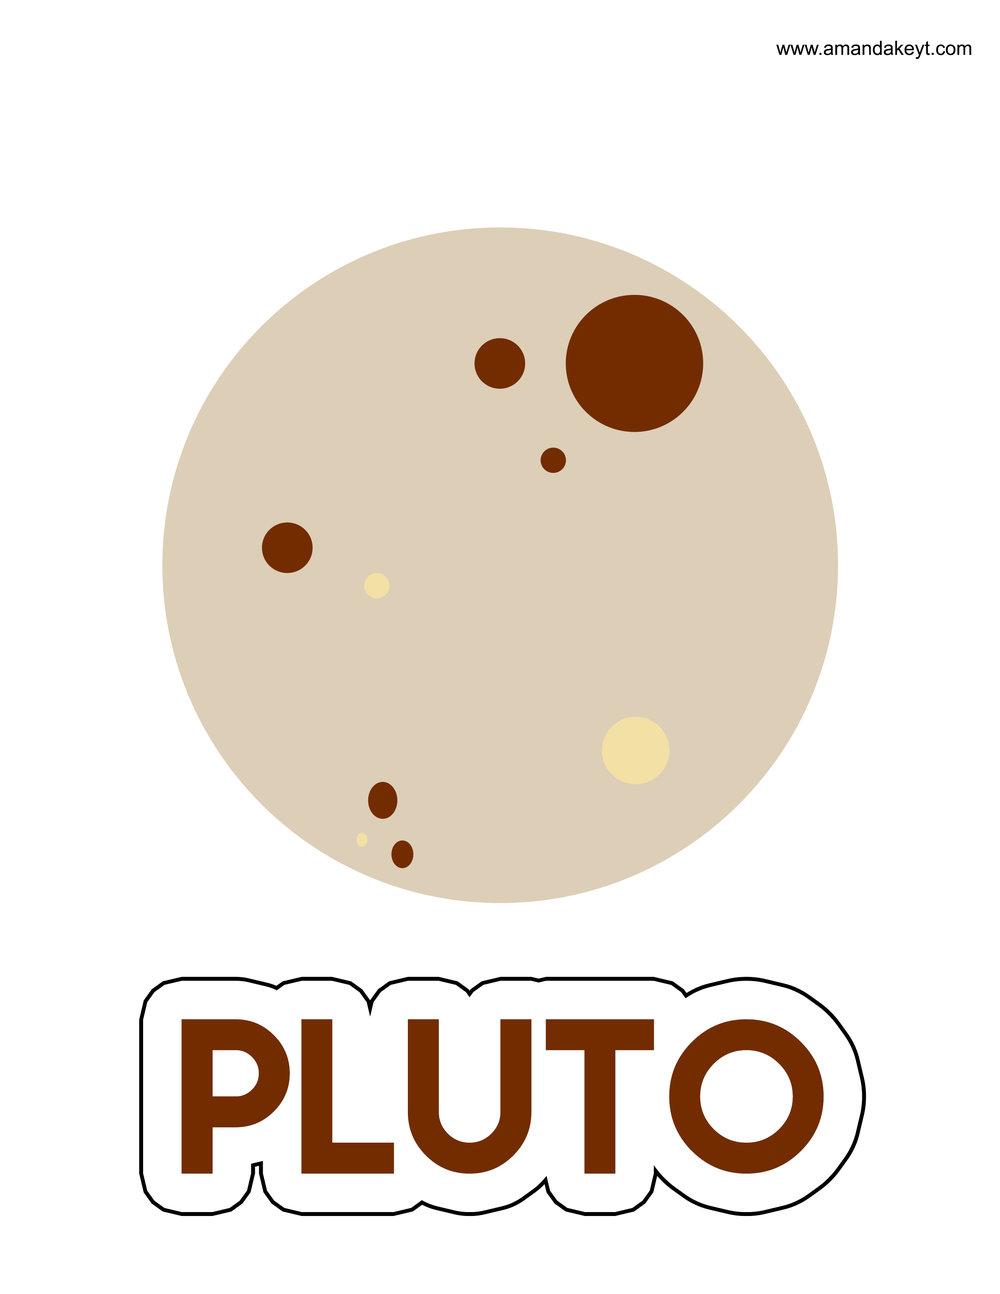 PPluto.jpg